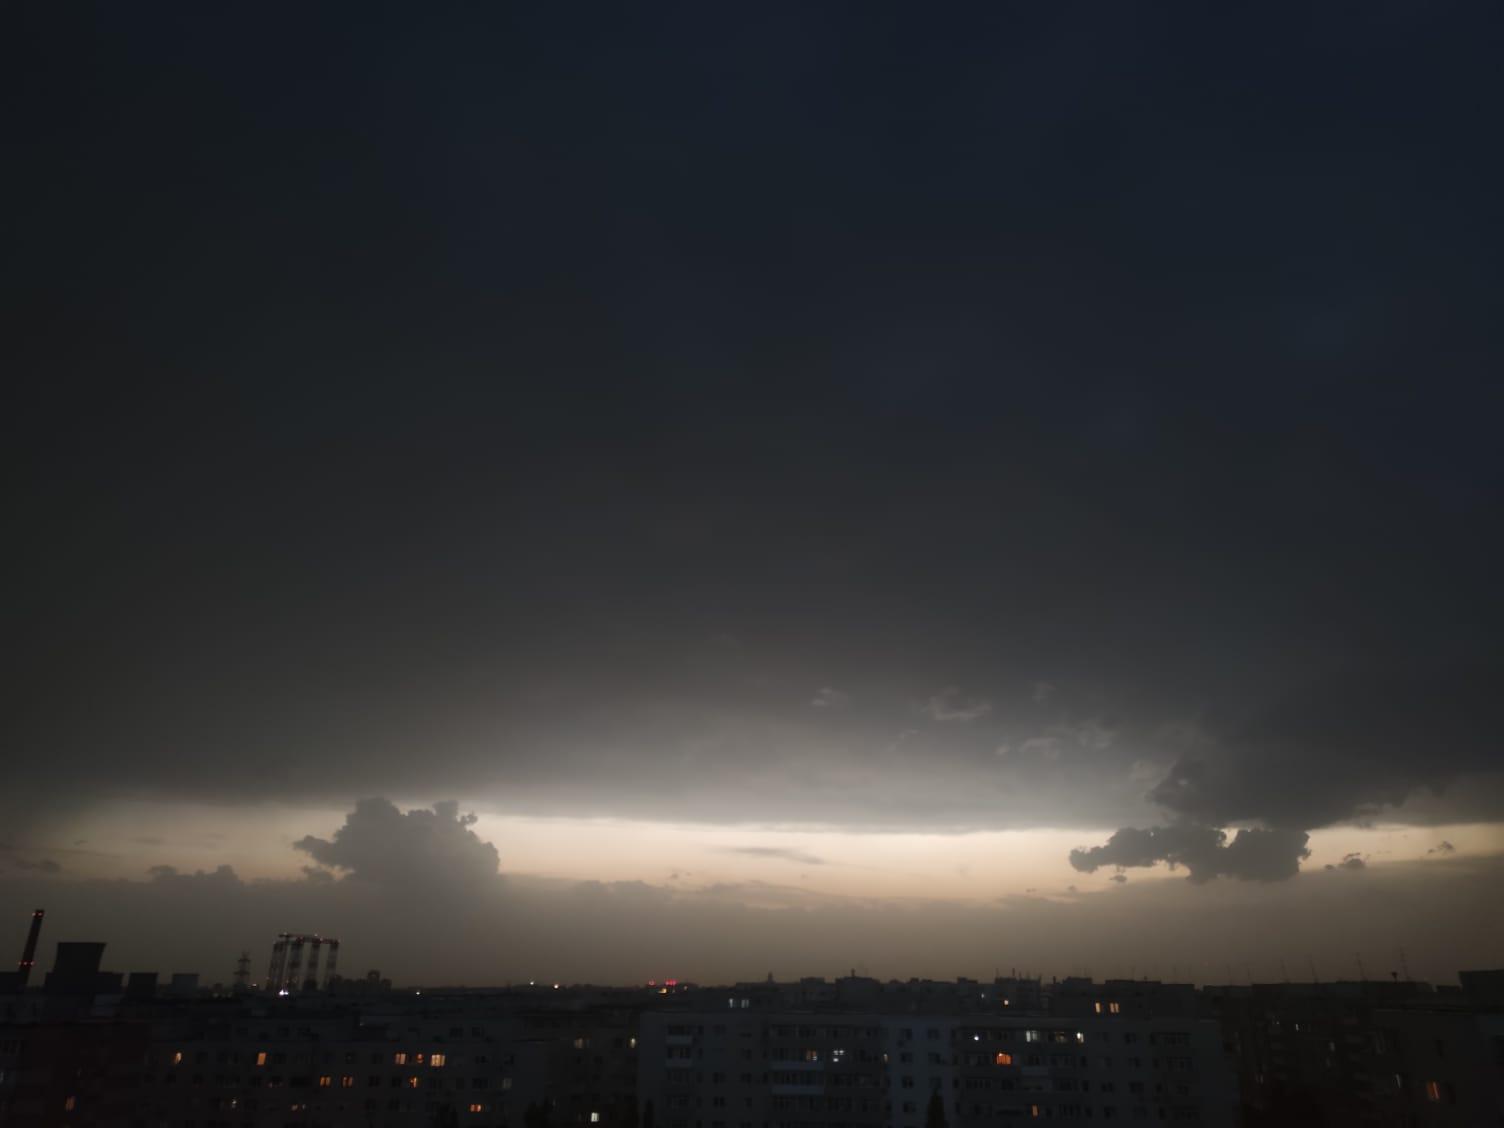 Furtună în București joi seară. Avertismentul ANM se adeverește. Cerul Capitalei s-a umplut de nori întunecați și fulgere | FOTO & VIDEO